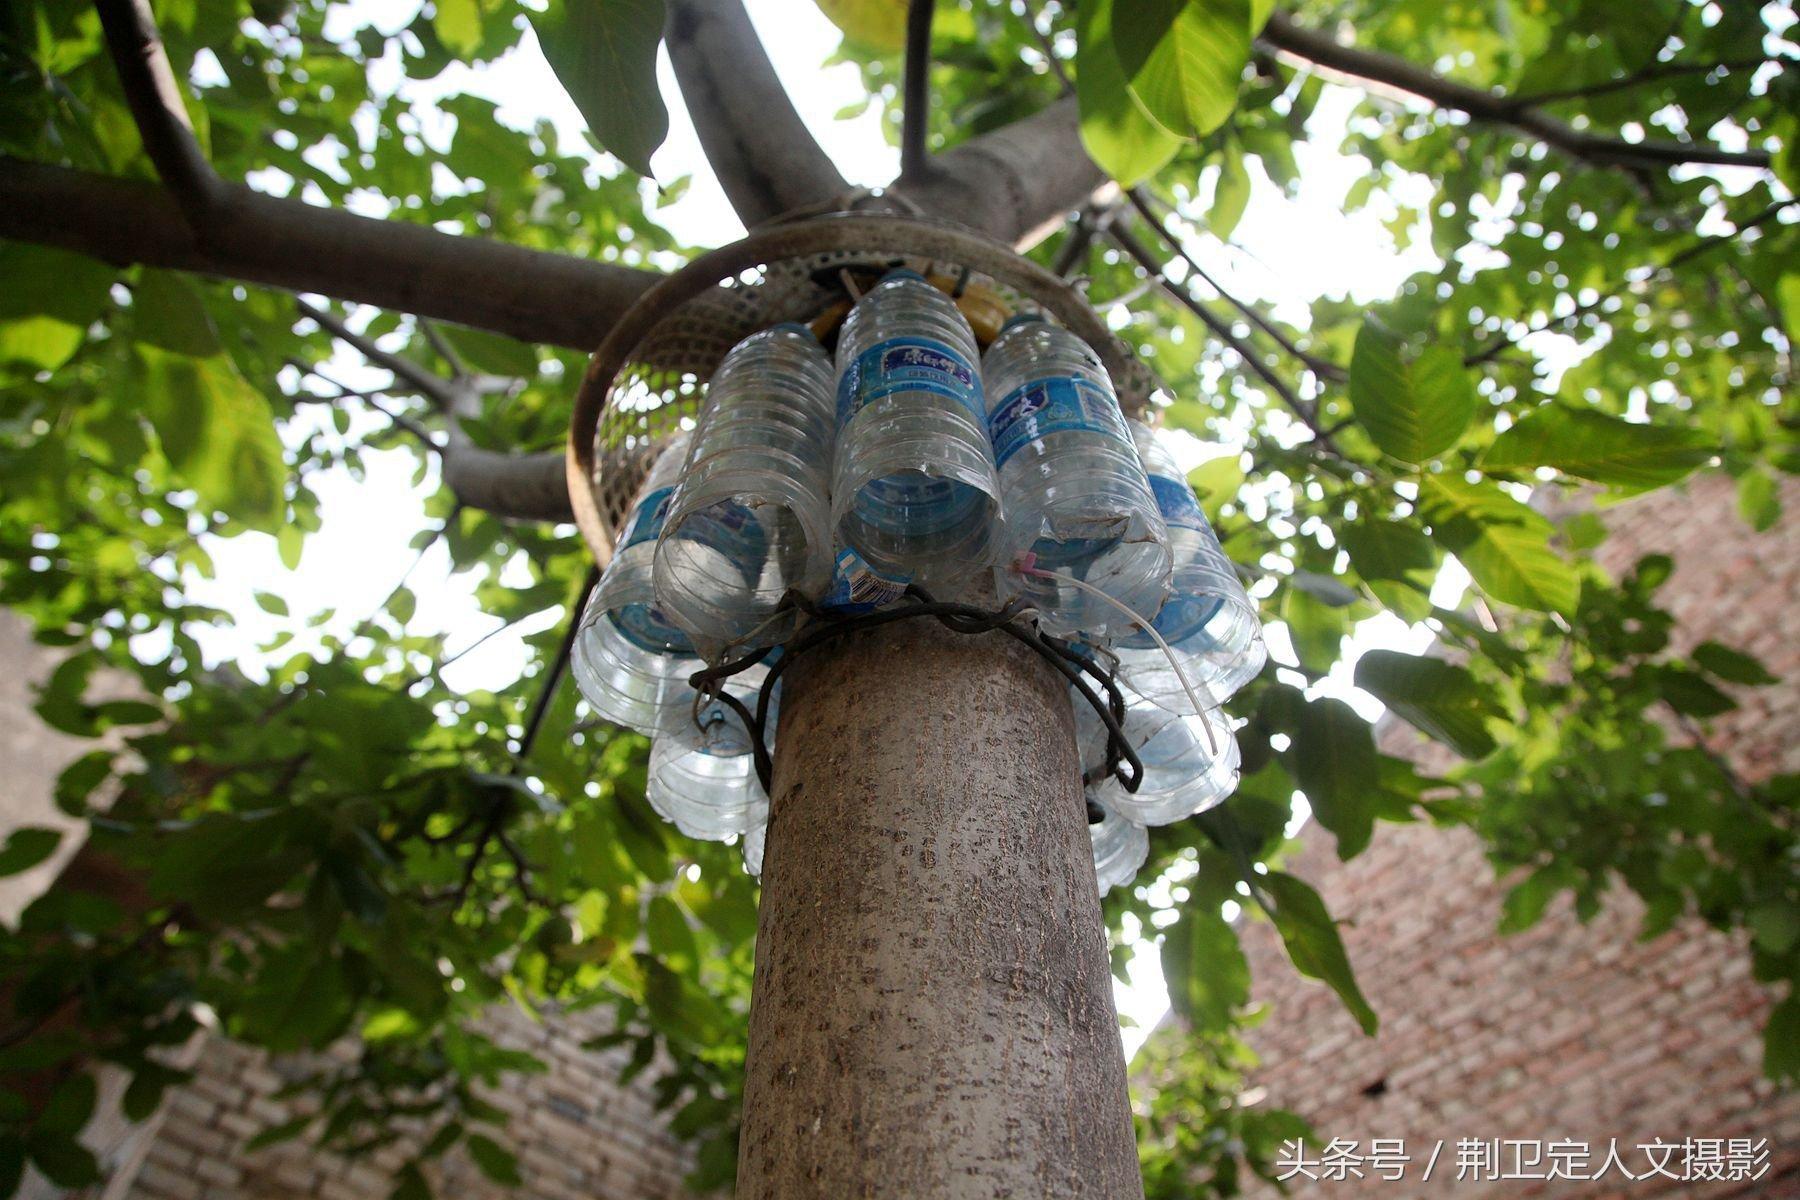 树上核桃屡屡被盗,82岁老人废物利用让小偷无计可施